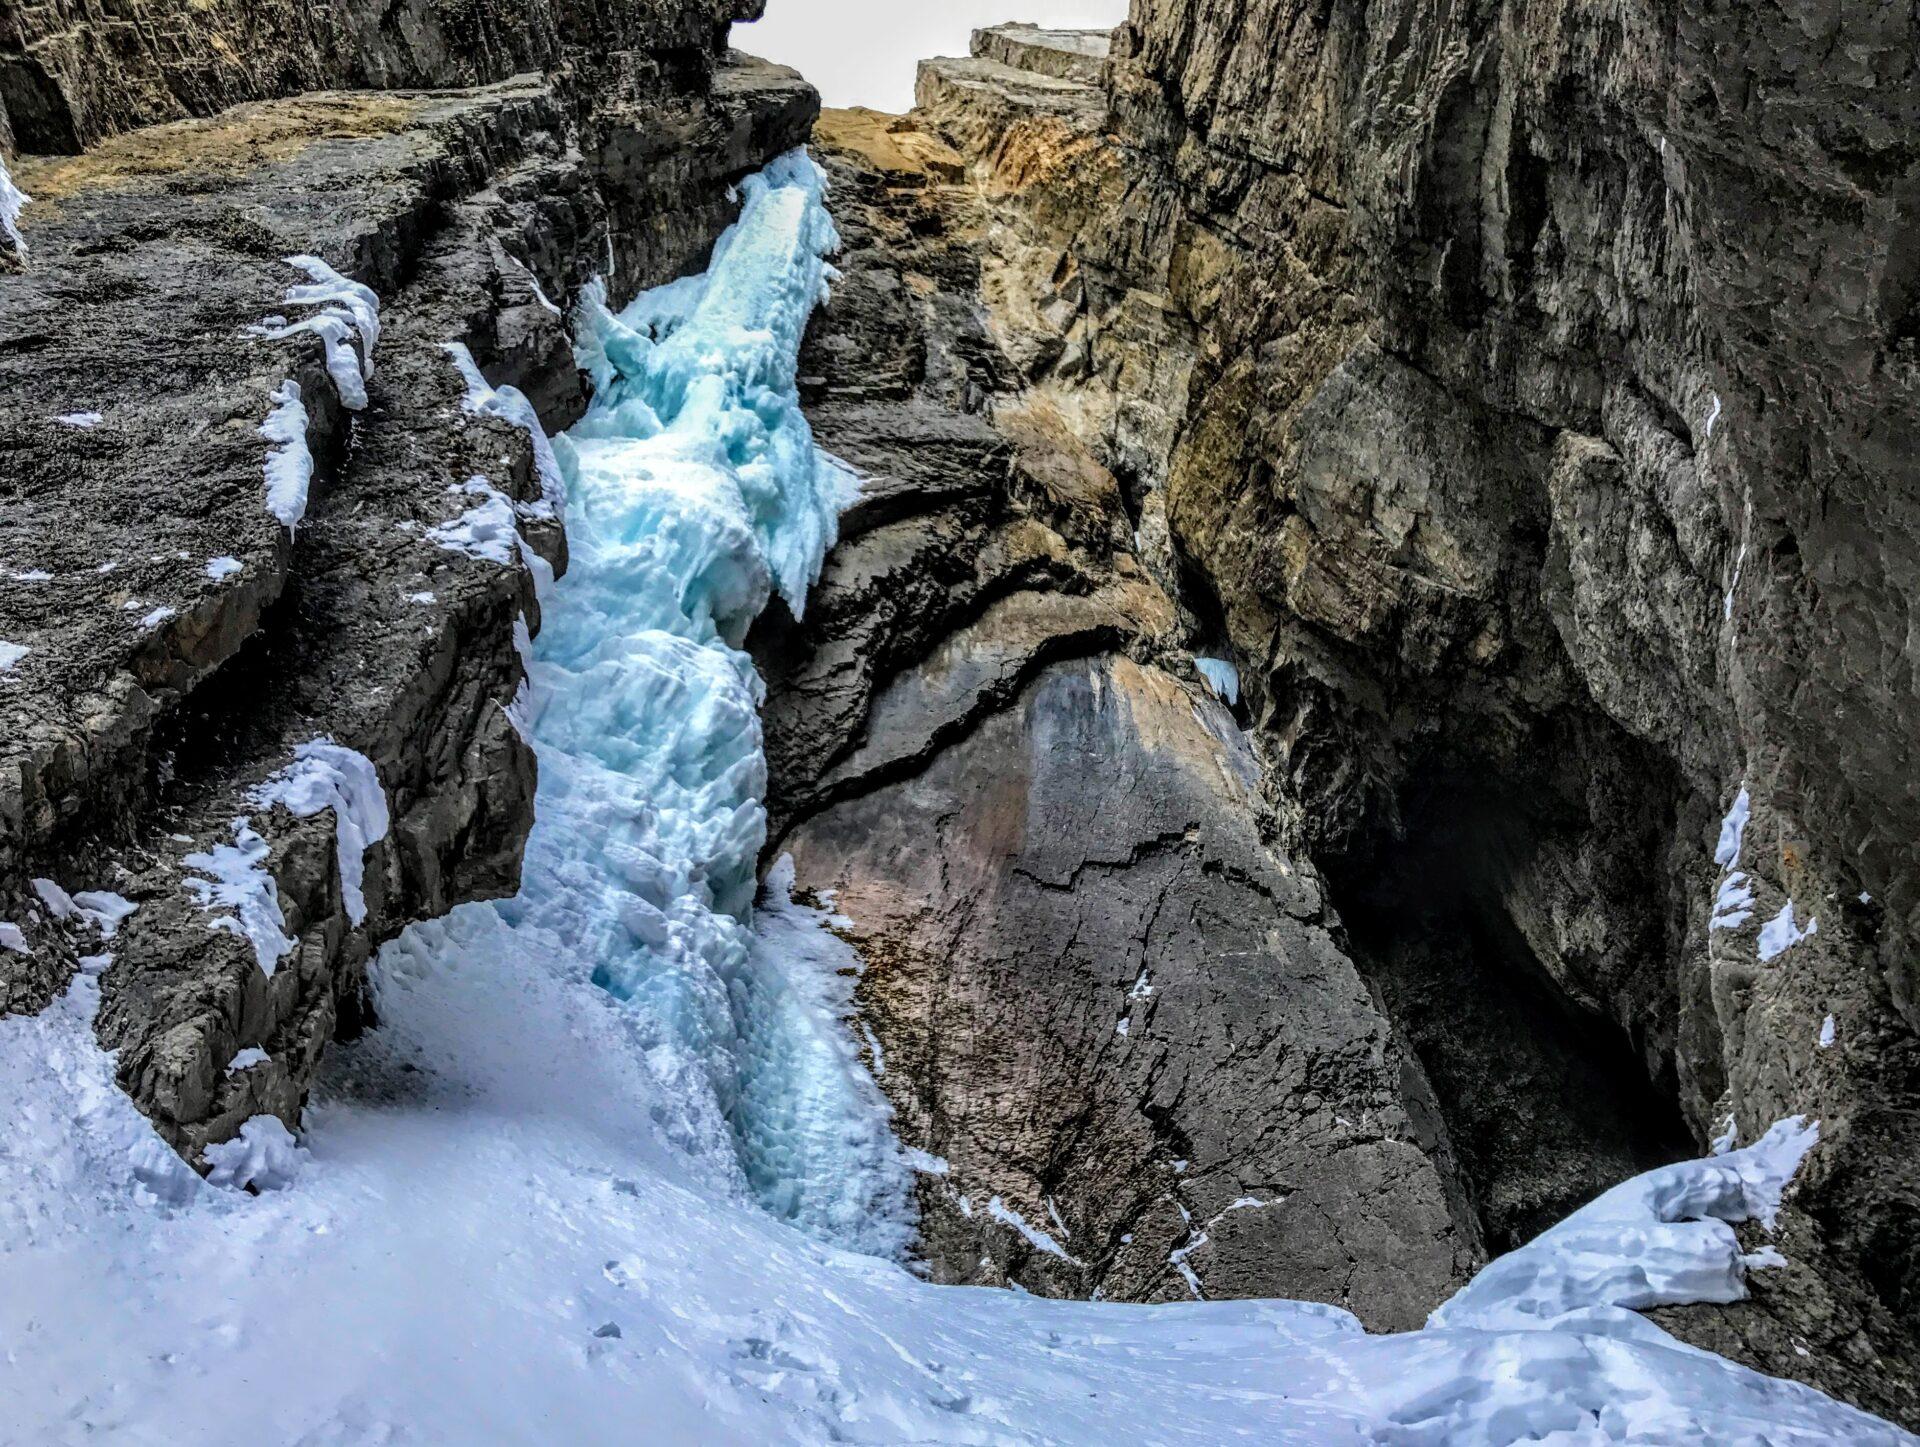 Whiteman Falls